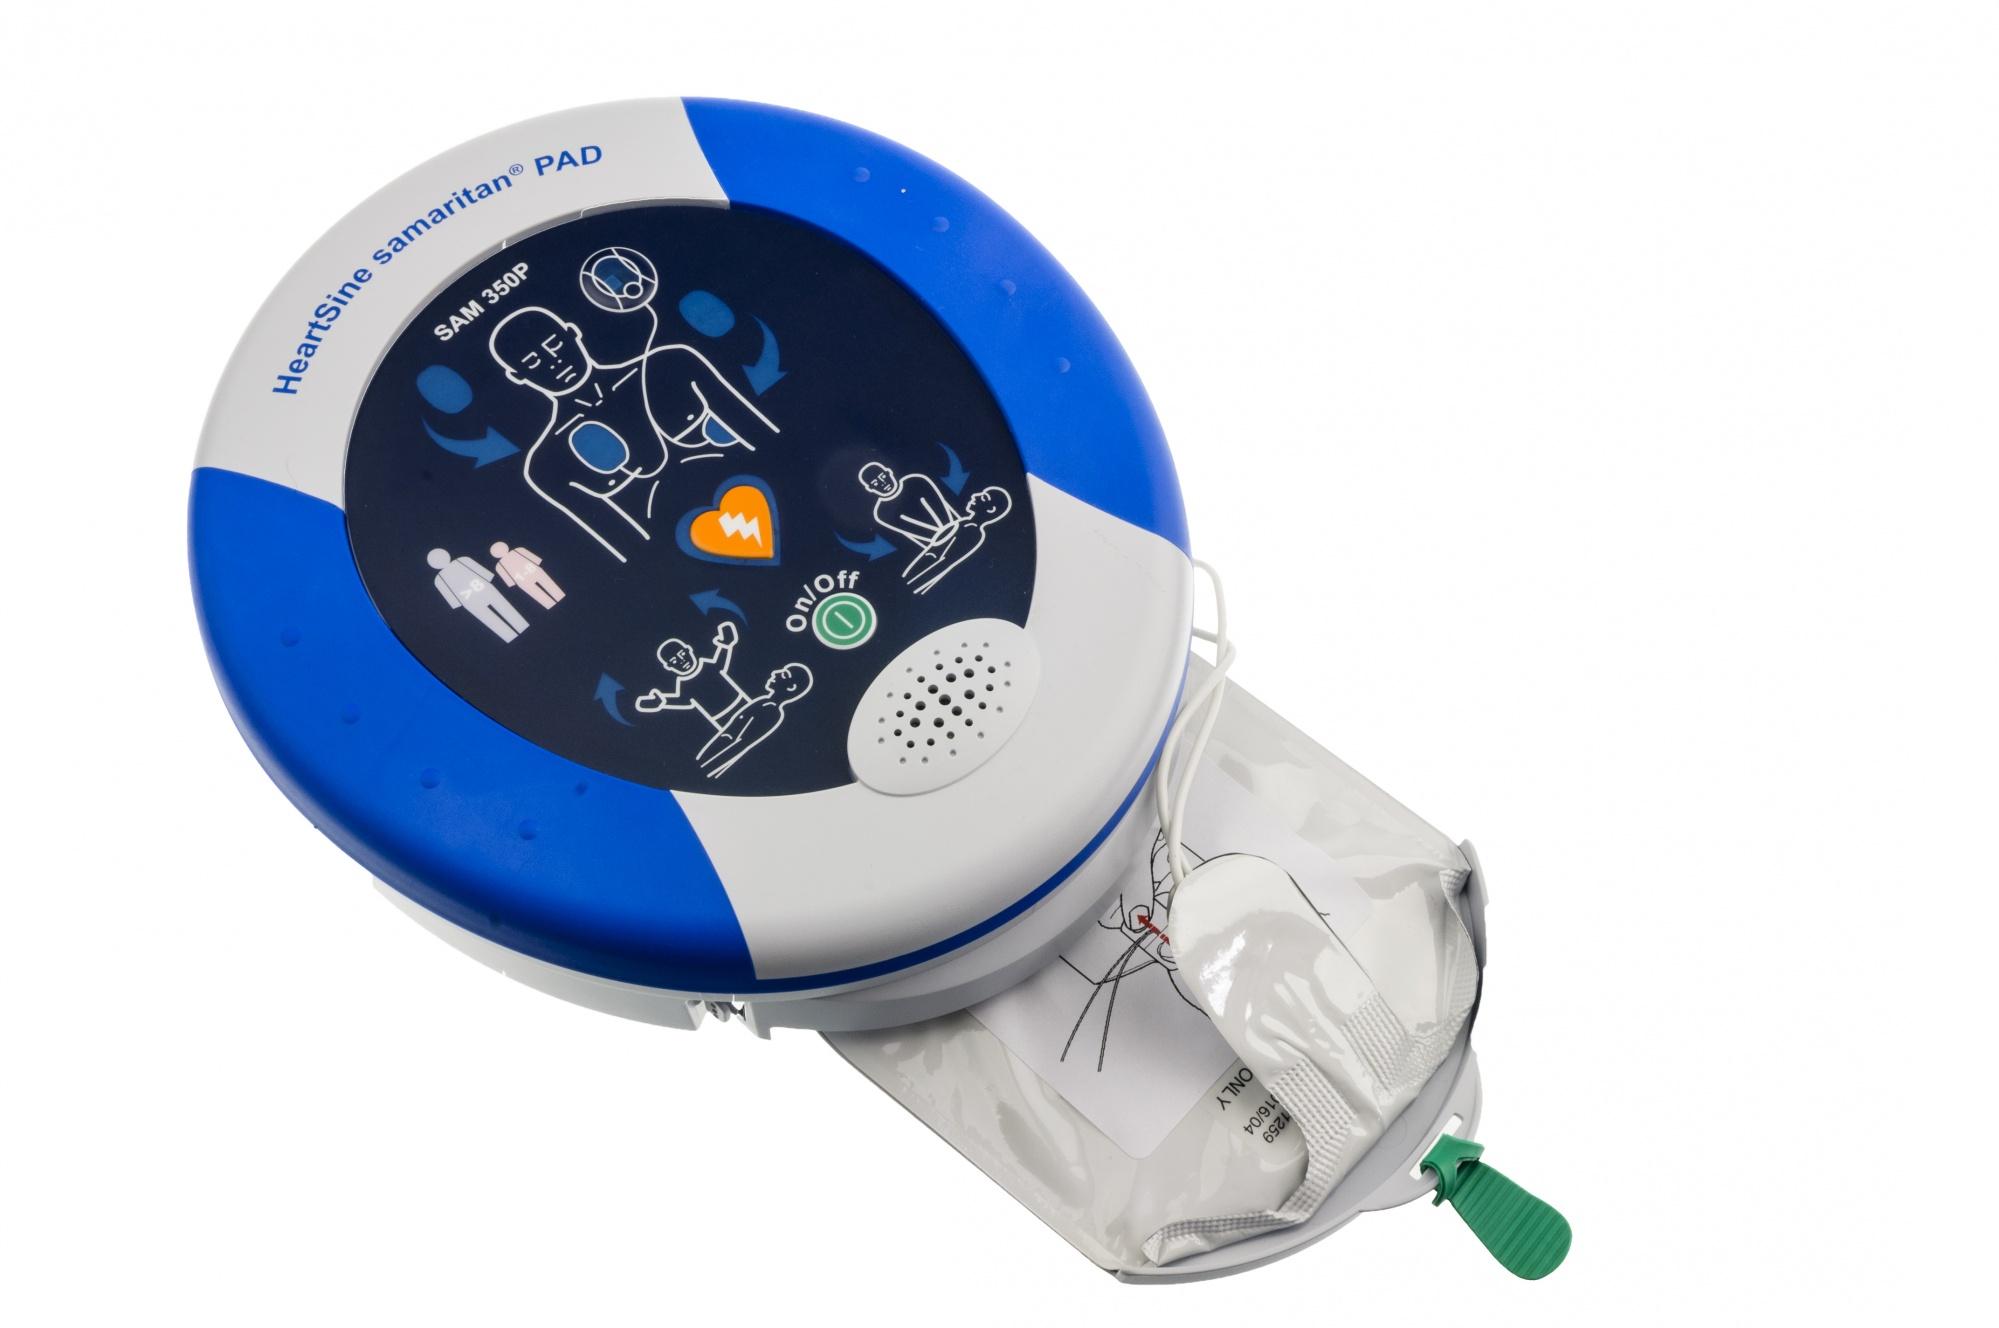 Il defibrillatore per esterni: HeartSine samaritan PAD 350P come funziona e dove acquistarlo? | Emergency Live 6